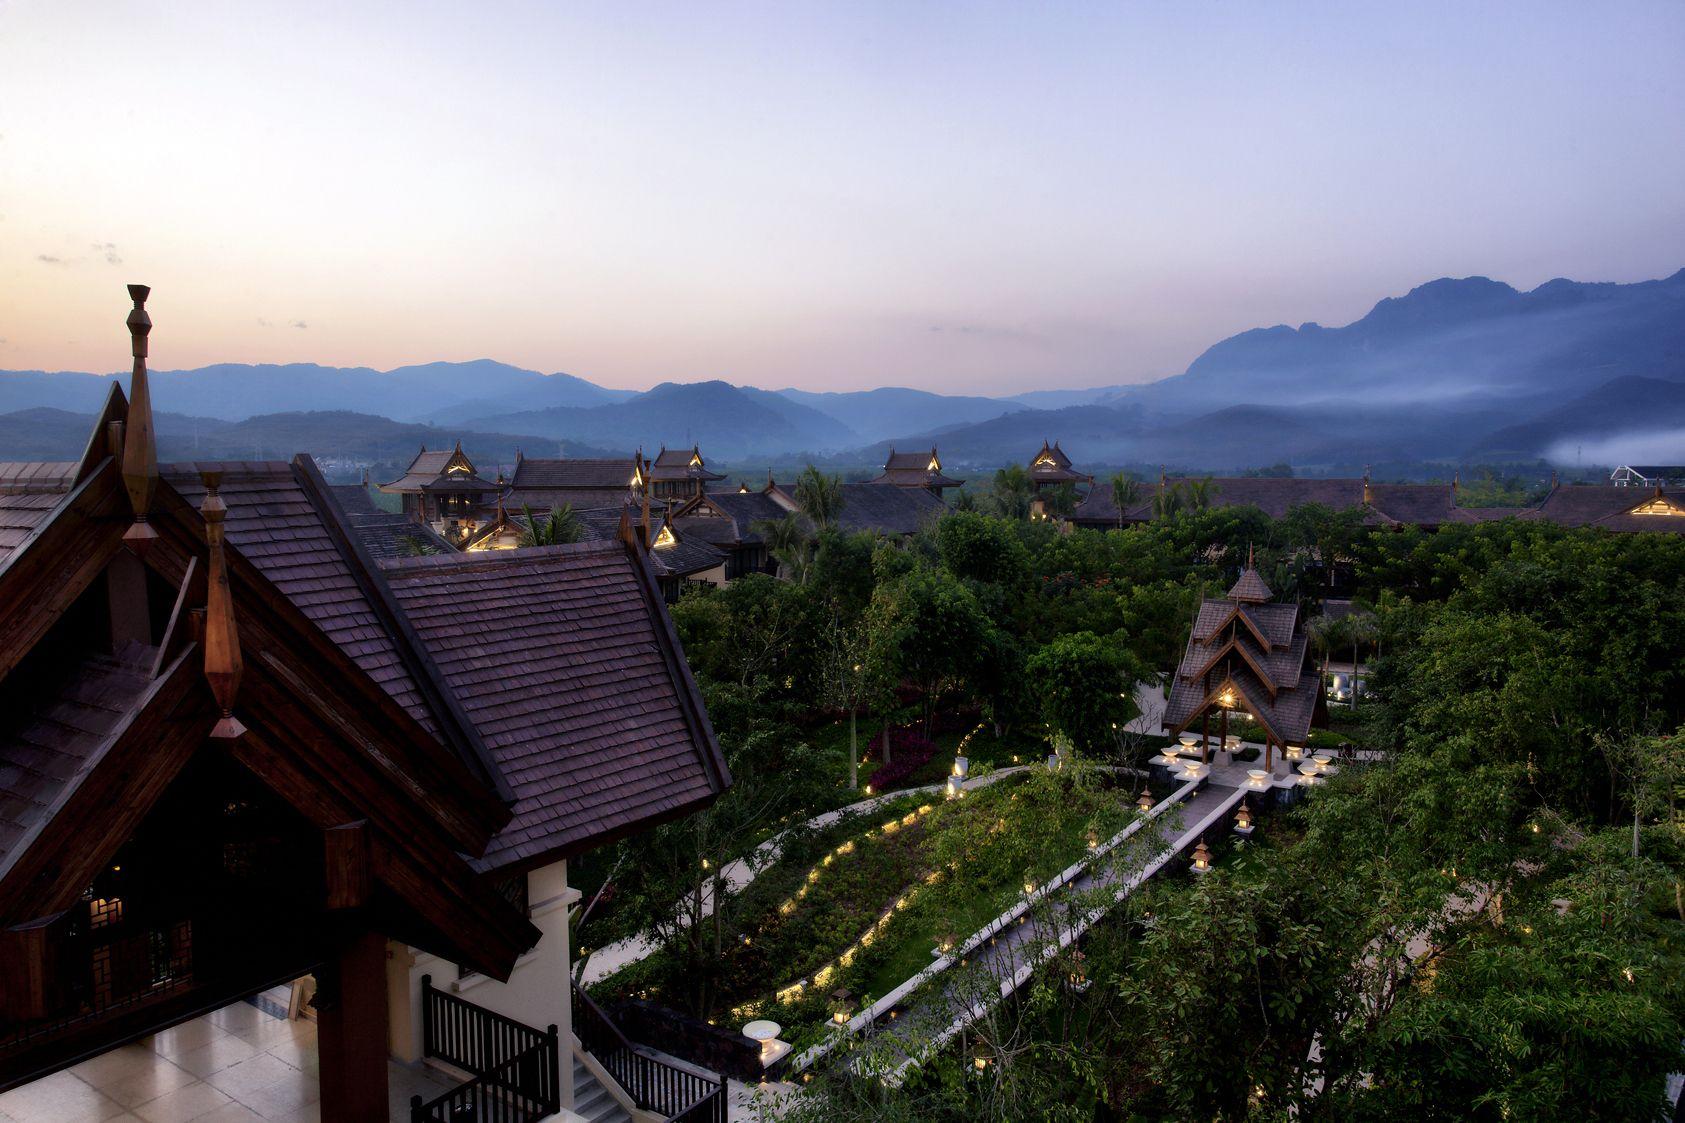 misty mountain views at anantara xishuangbanna, yunnan, china. best